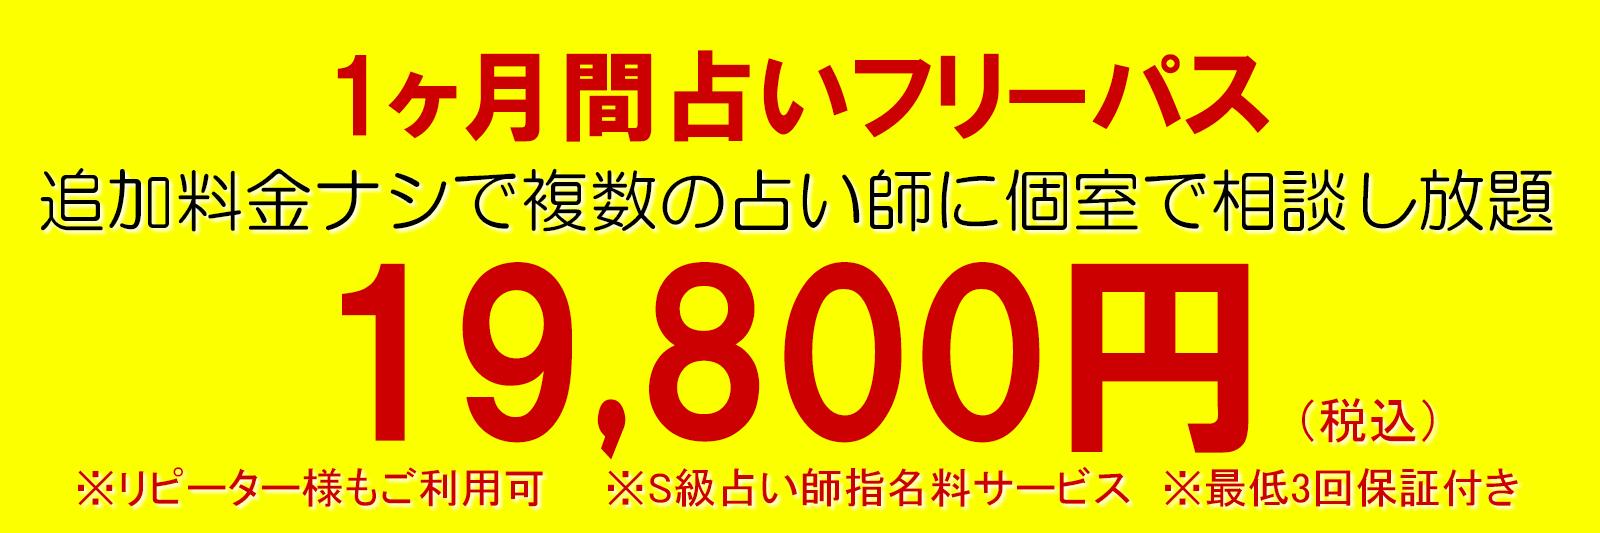 東京・渋谷で占いなら1ヶ月間占いフリーパスなら追加料金ナシで複数のお好きな占い師に相談し放題の占いクーポンがお得です!最低3回保証付きで安心してご利用頂けます